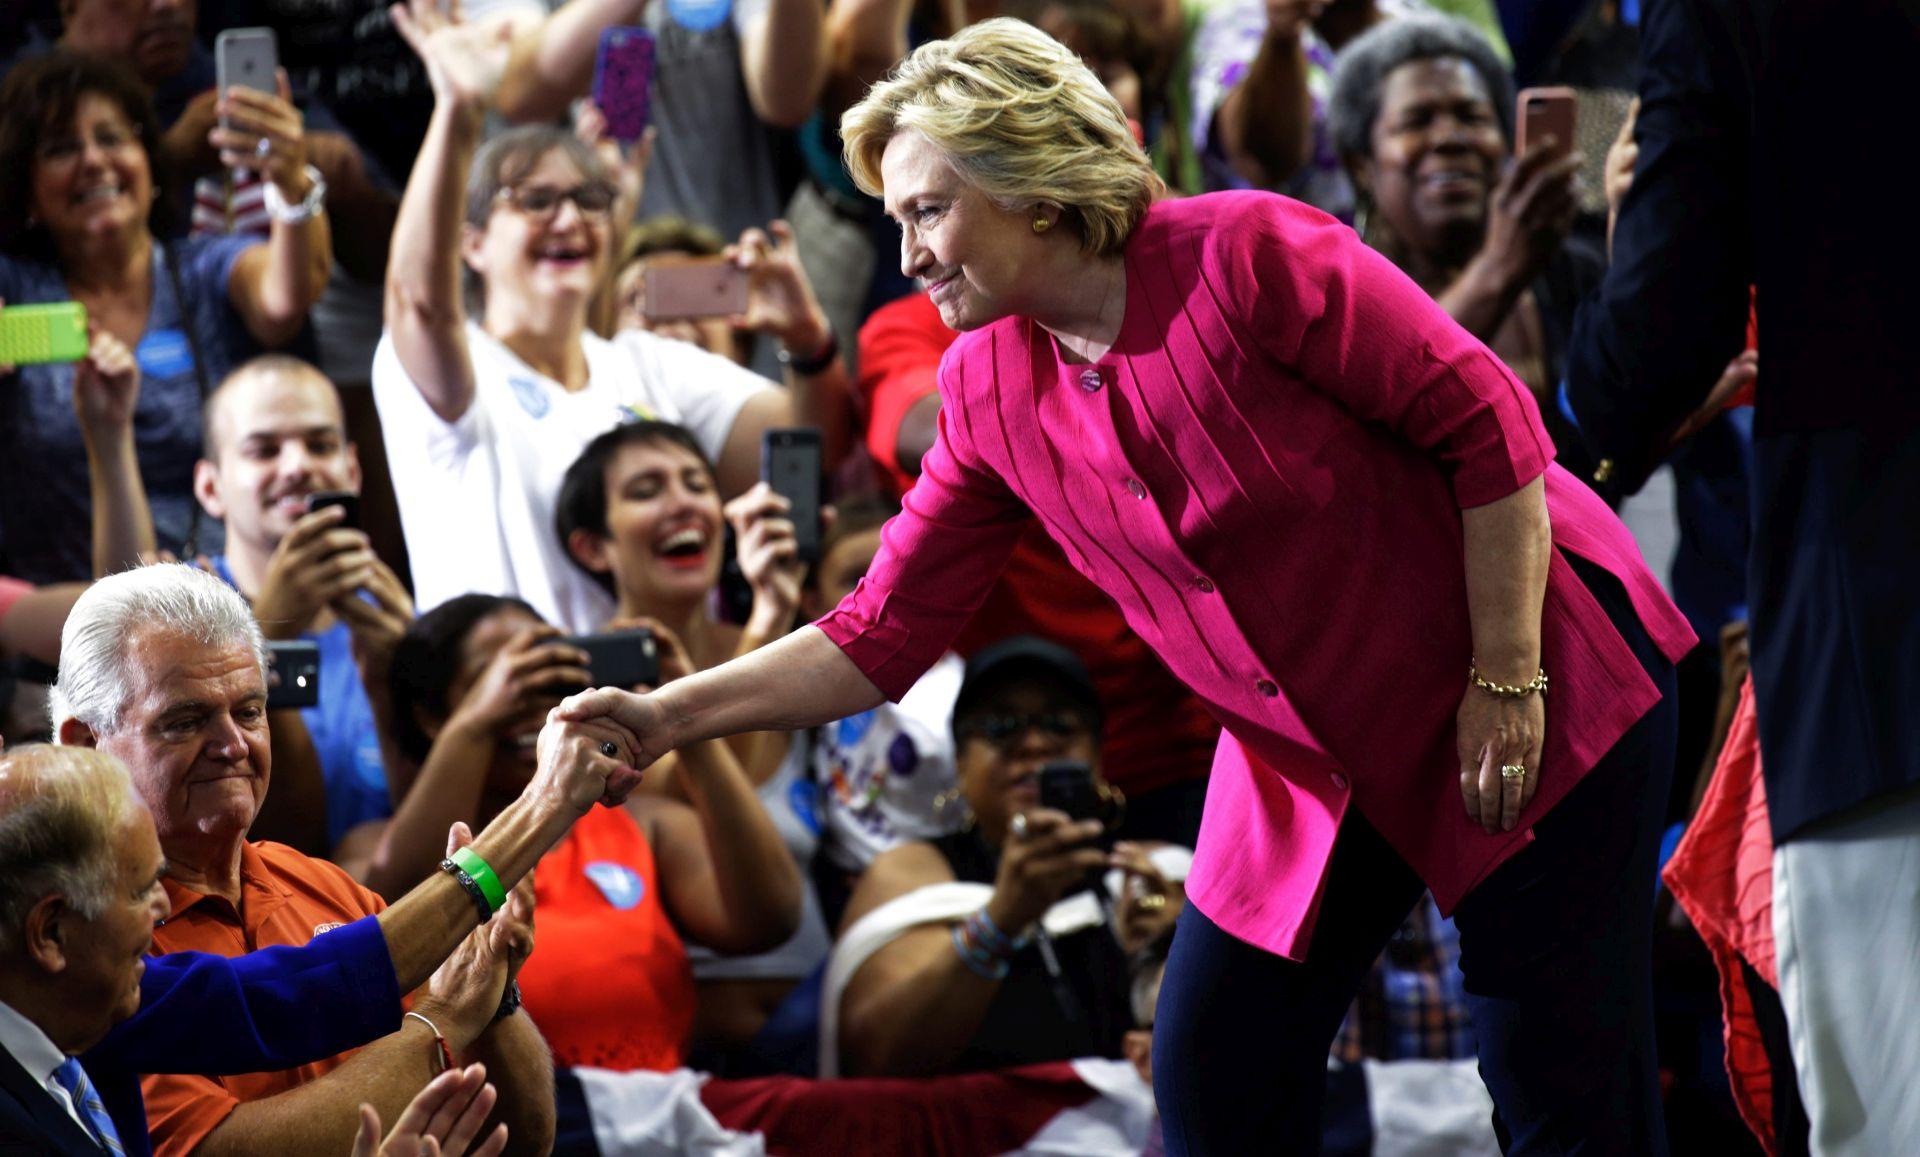 PREDSJEDNIČKI IZBORI: Stožer Hillary Clinton odbija Trumpove kritike o IS-u